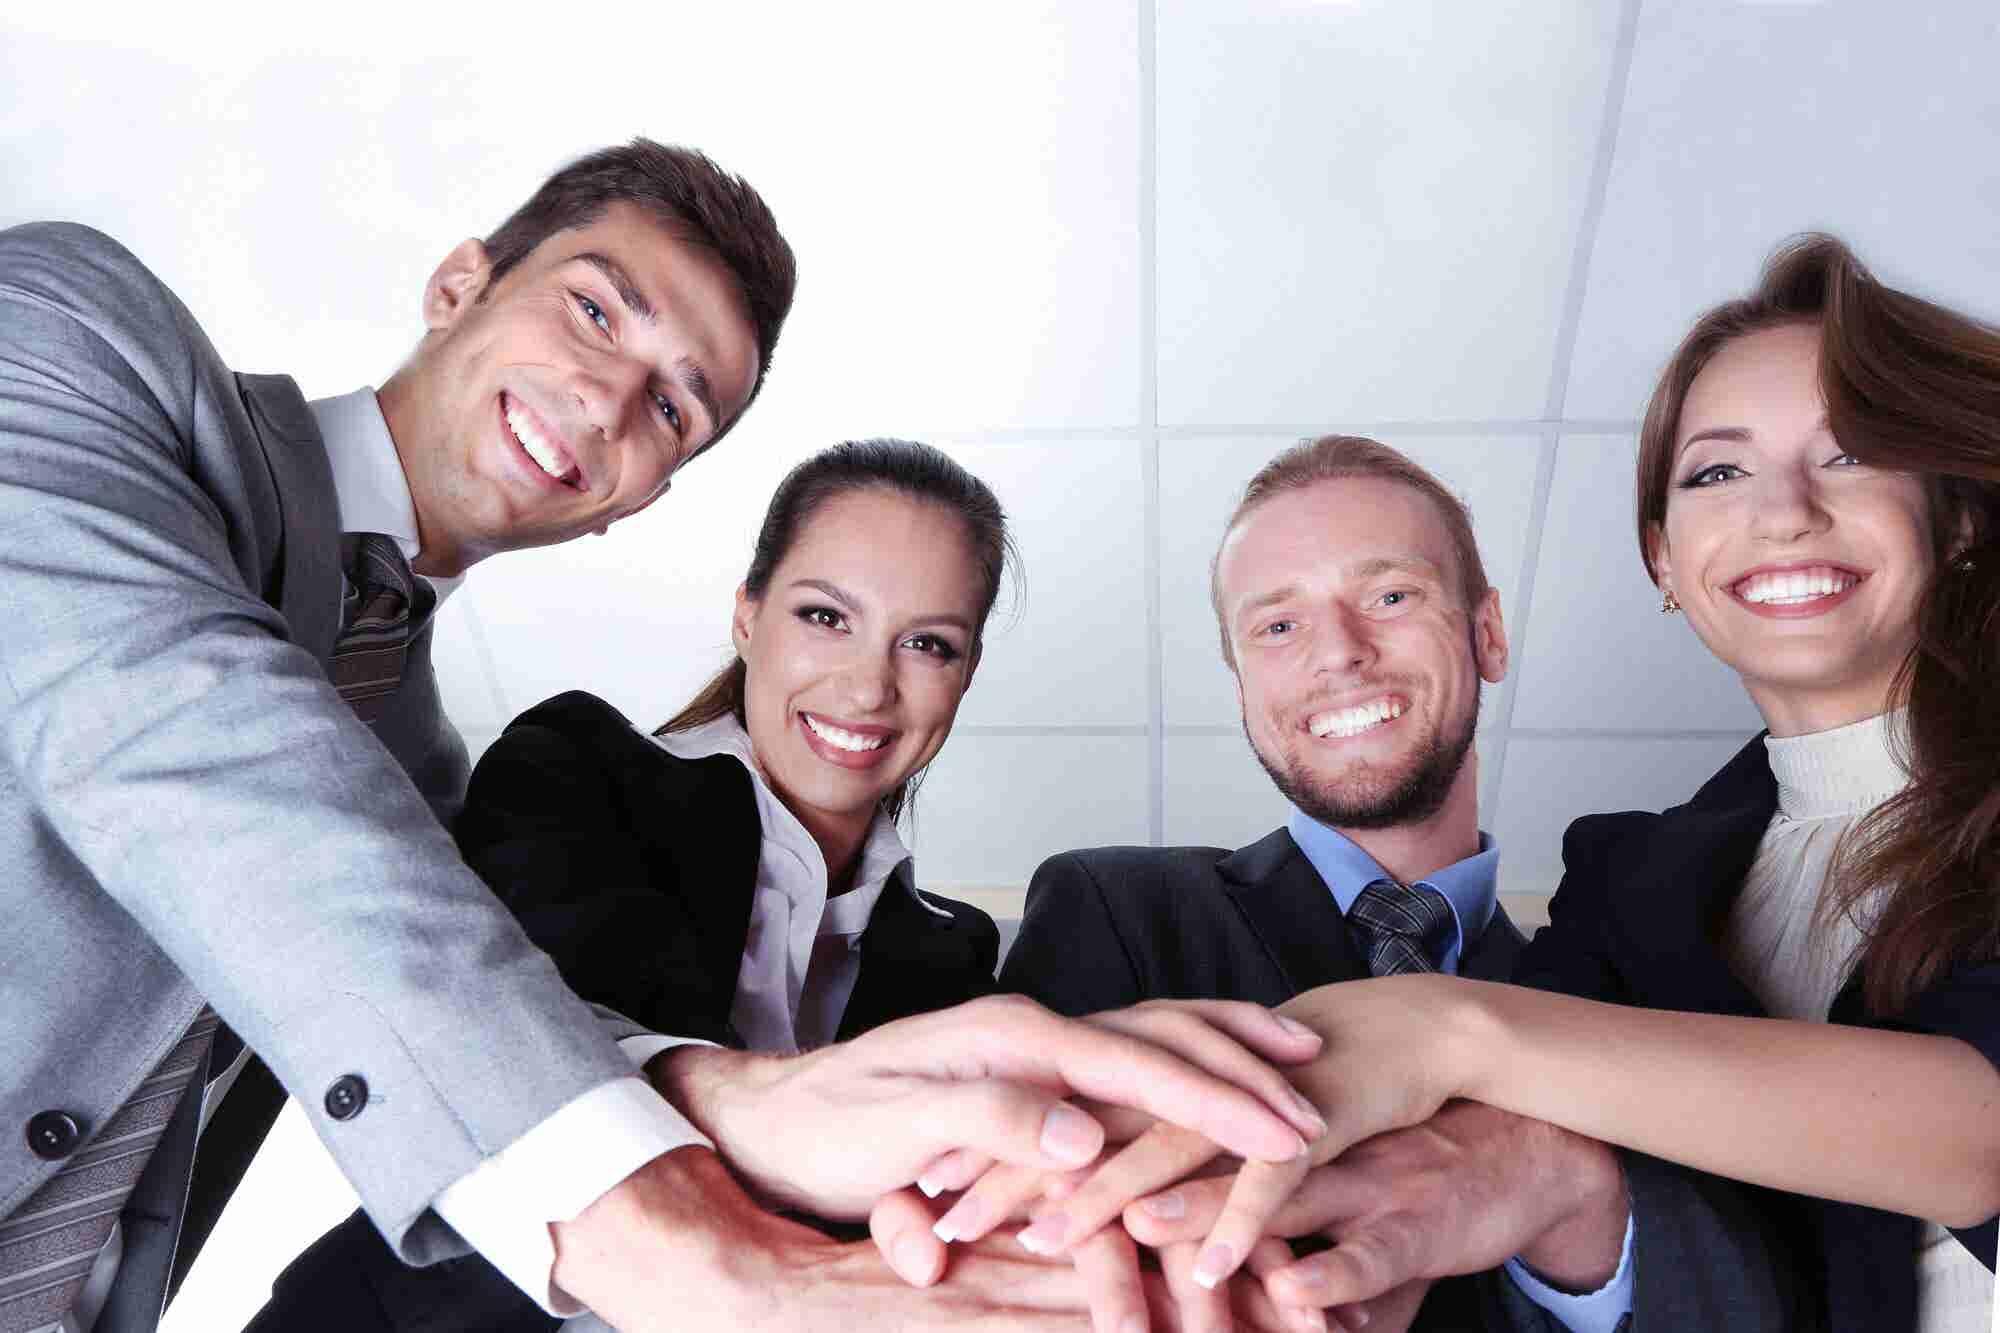 5 pasos para conformar rápidamente equipos exitosos